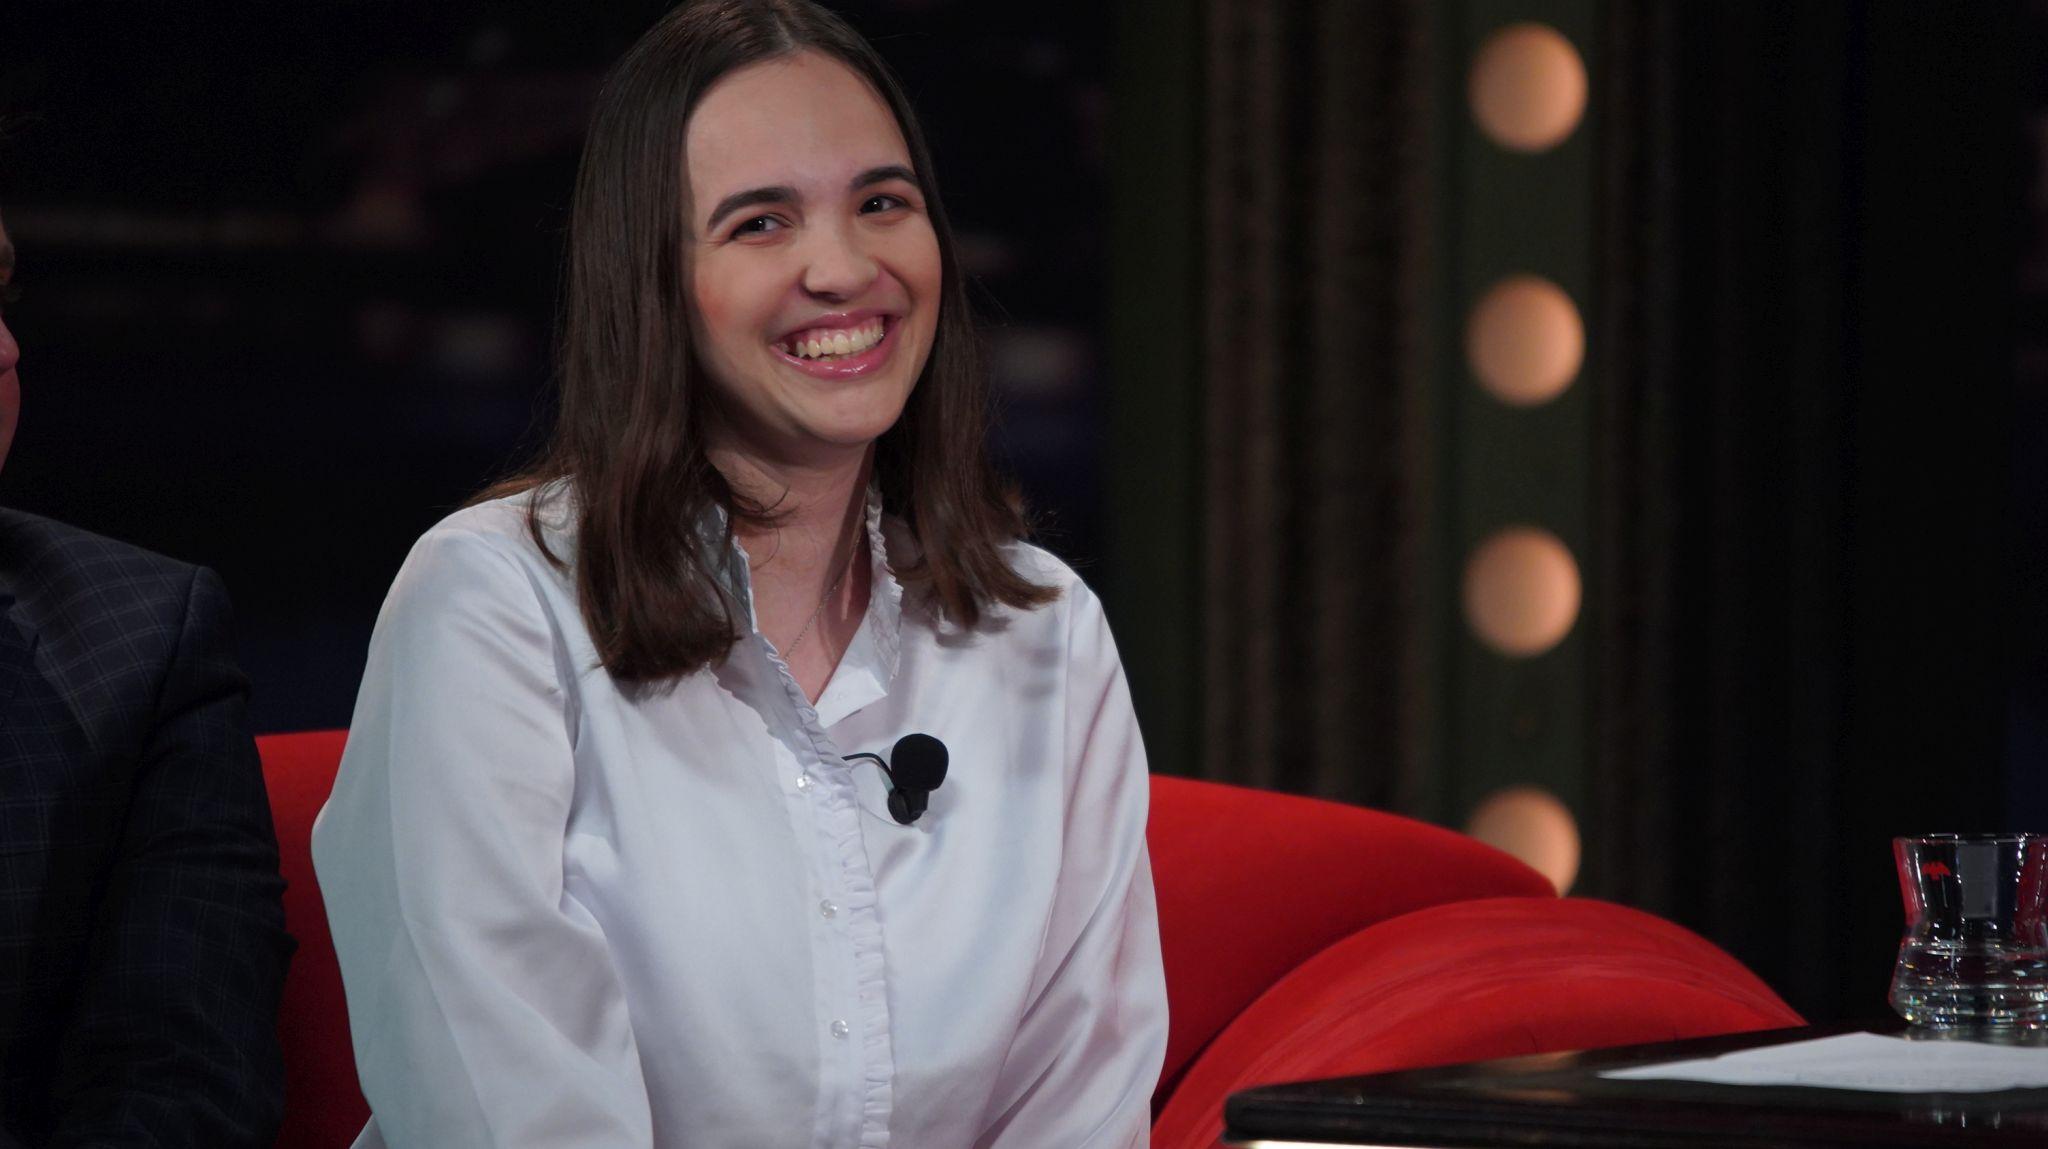 Šestnáctiletá polyglotka Eva Spekhorstová v SJK 12. 5. 2021